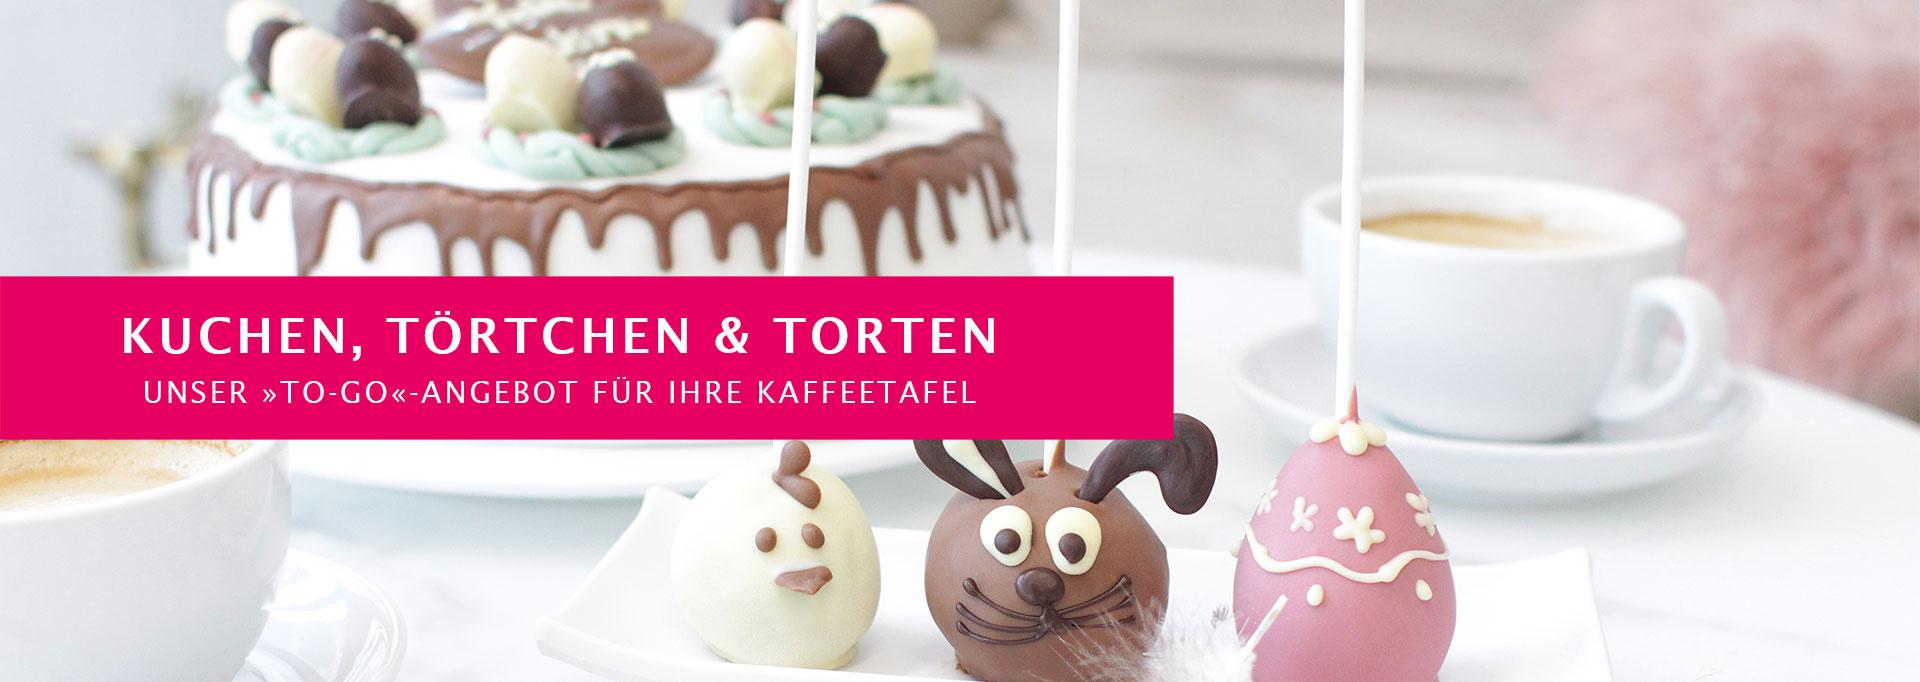 Kafeetafel mit Oster-Kuchen und Cake-Pops